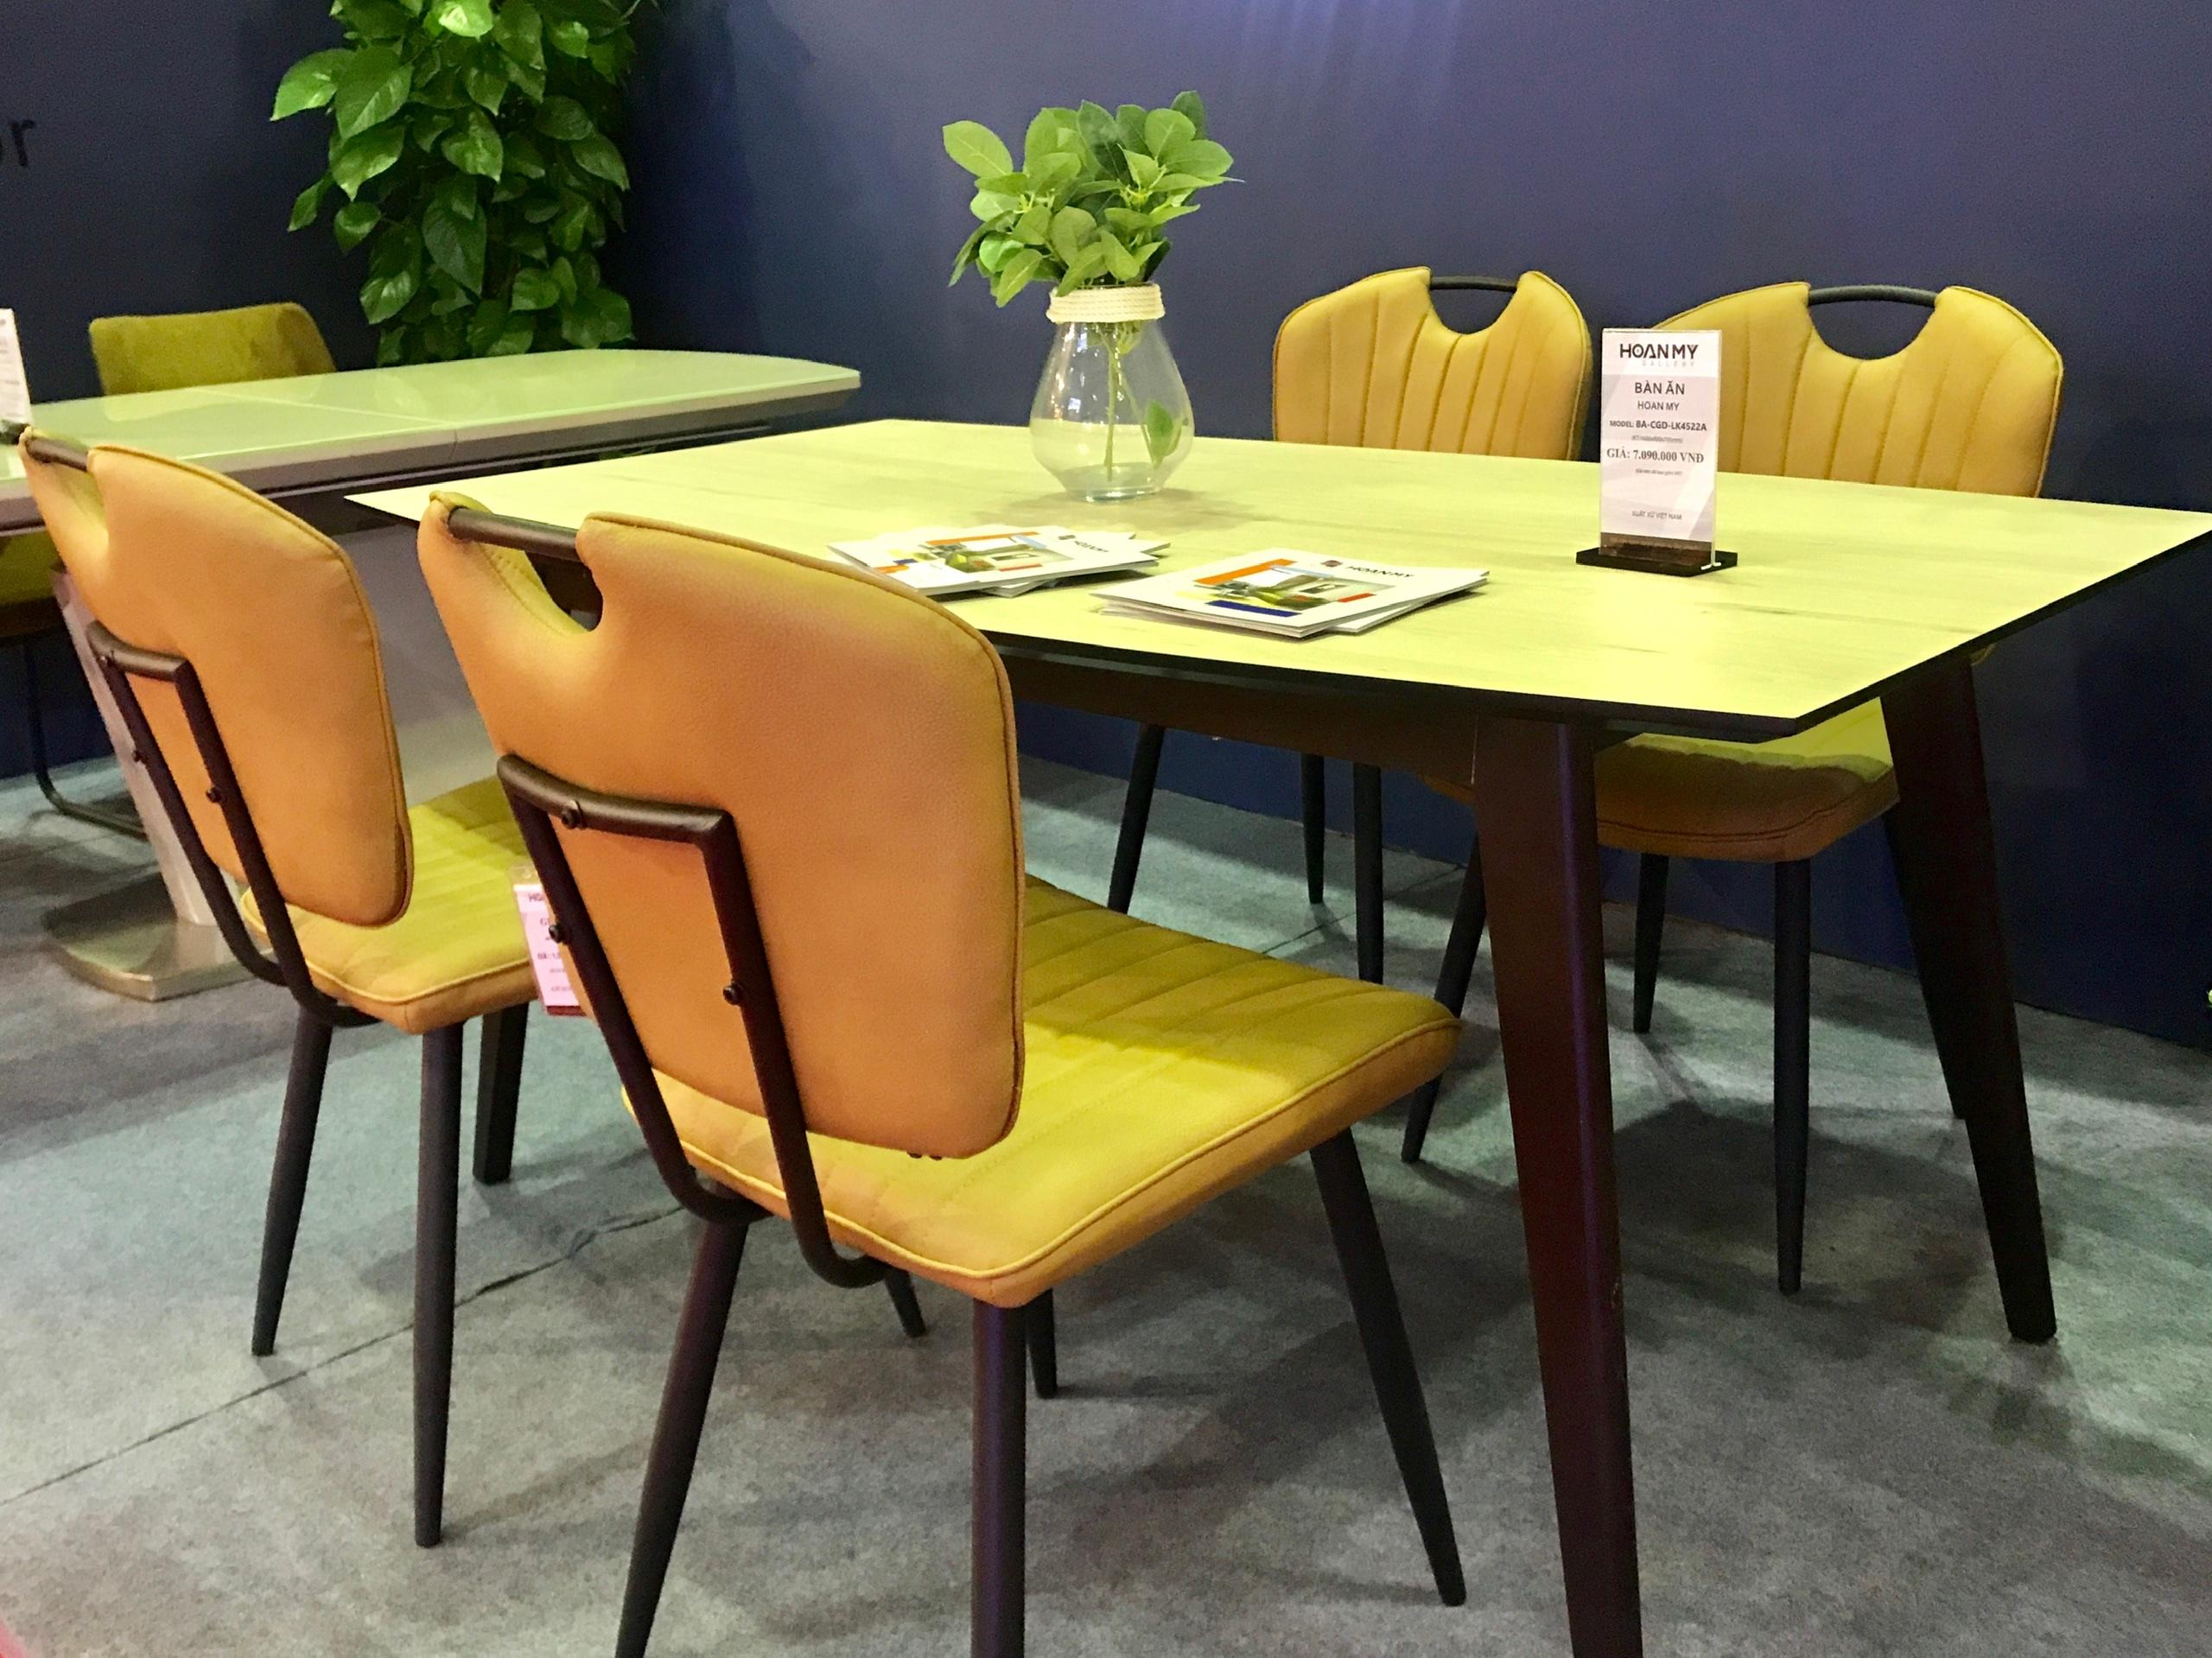 Cơ hội tăng xuất khẩu đồ nội thất gỗ sang thị trường Đức - Ảnh 1.